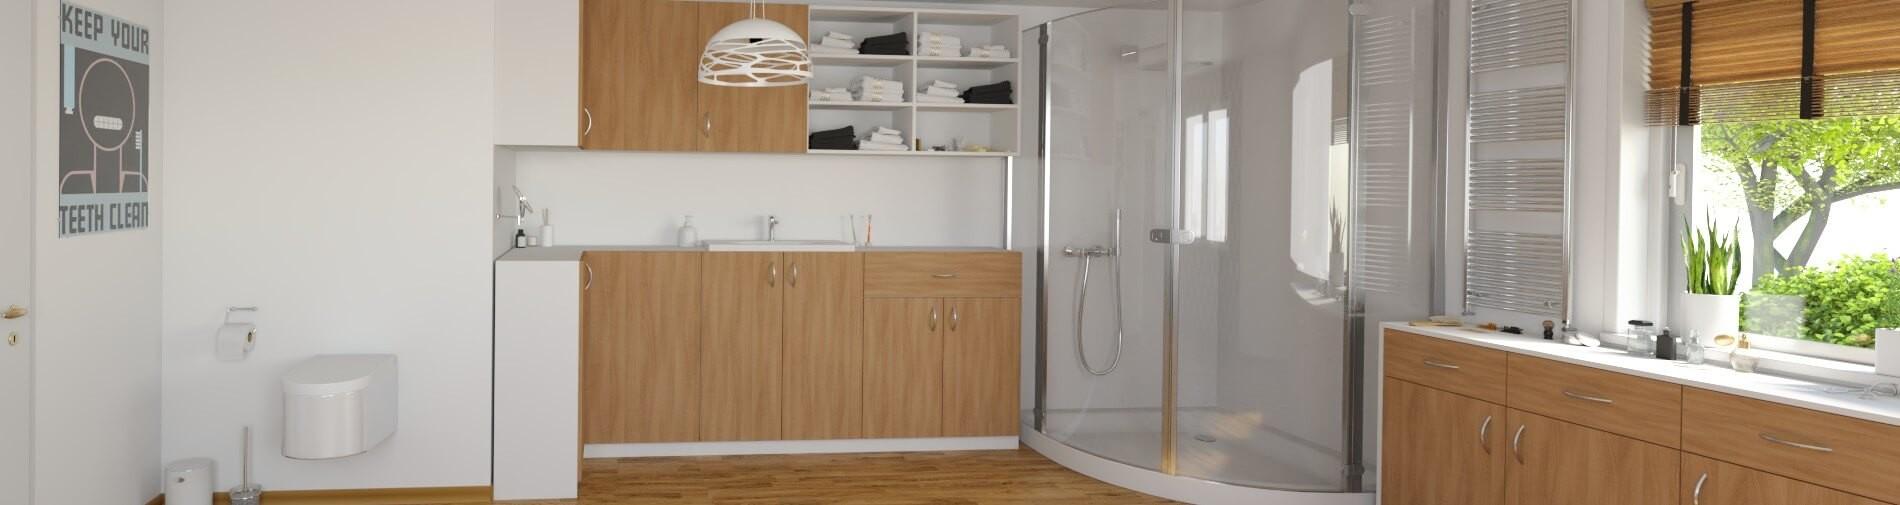 Maßgeschneiderte Badezimmermöbel zum selberbauen ...